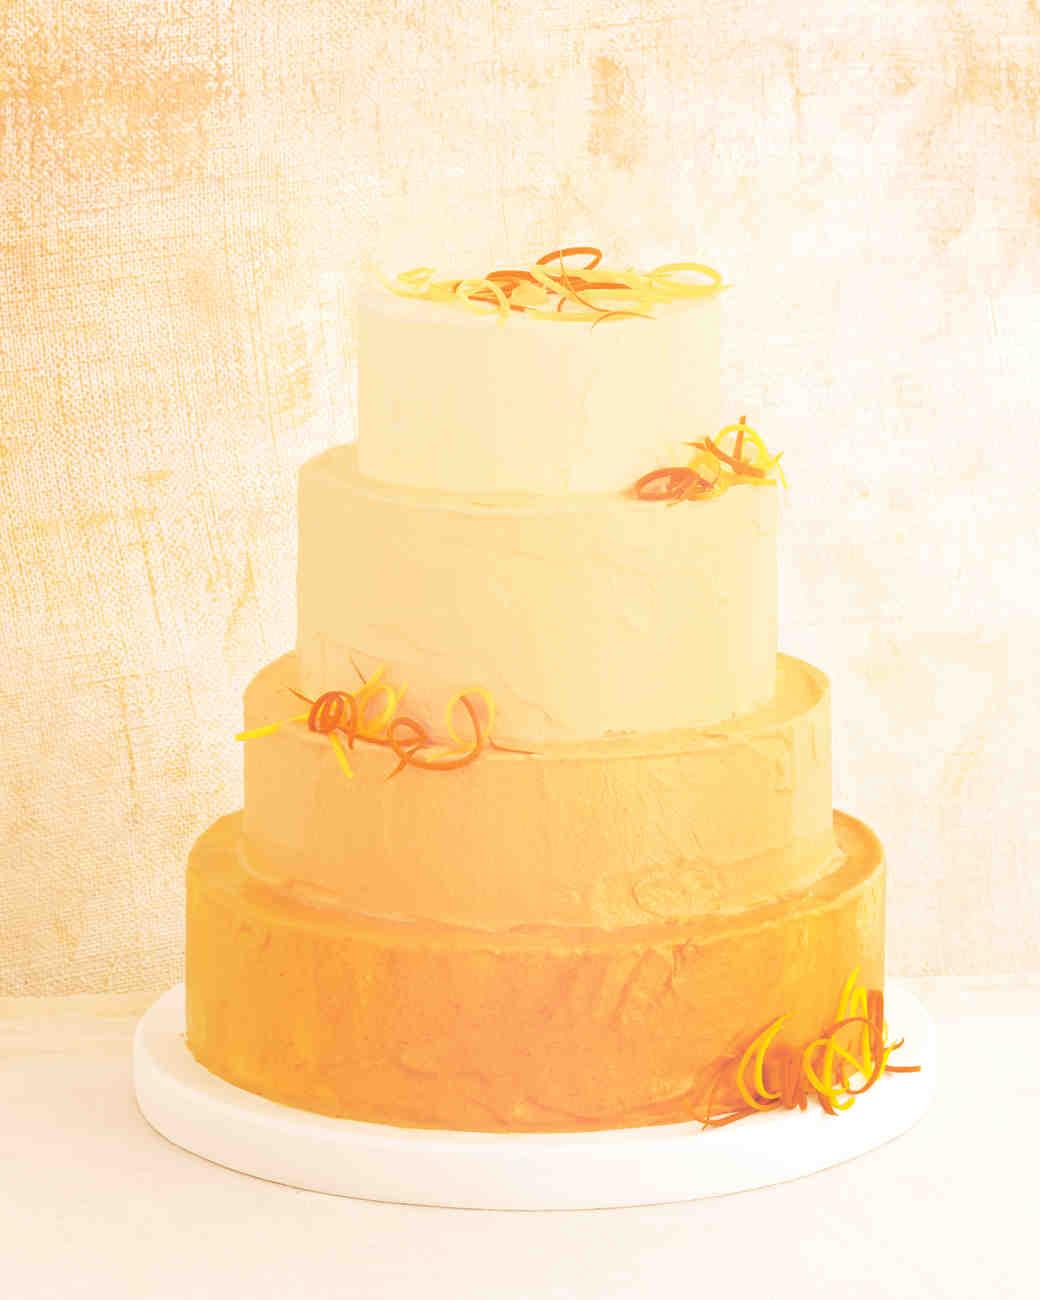 Ombr 233 Wedding Cakes Martha Stewart Weddings